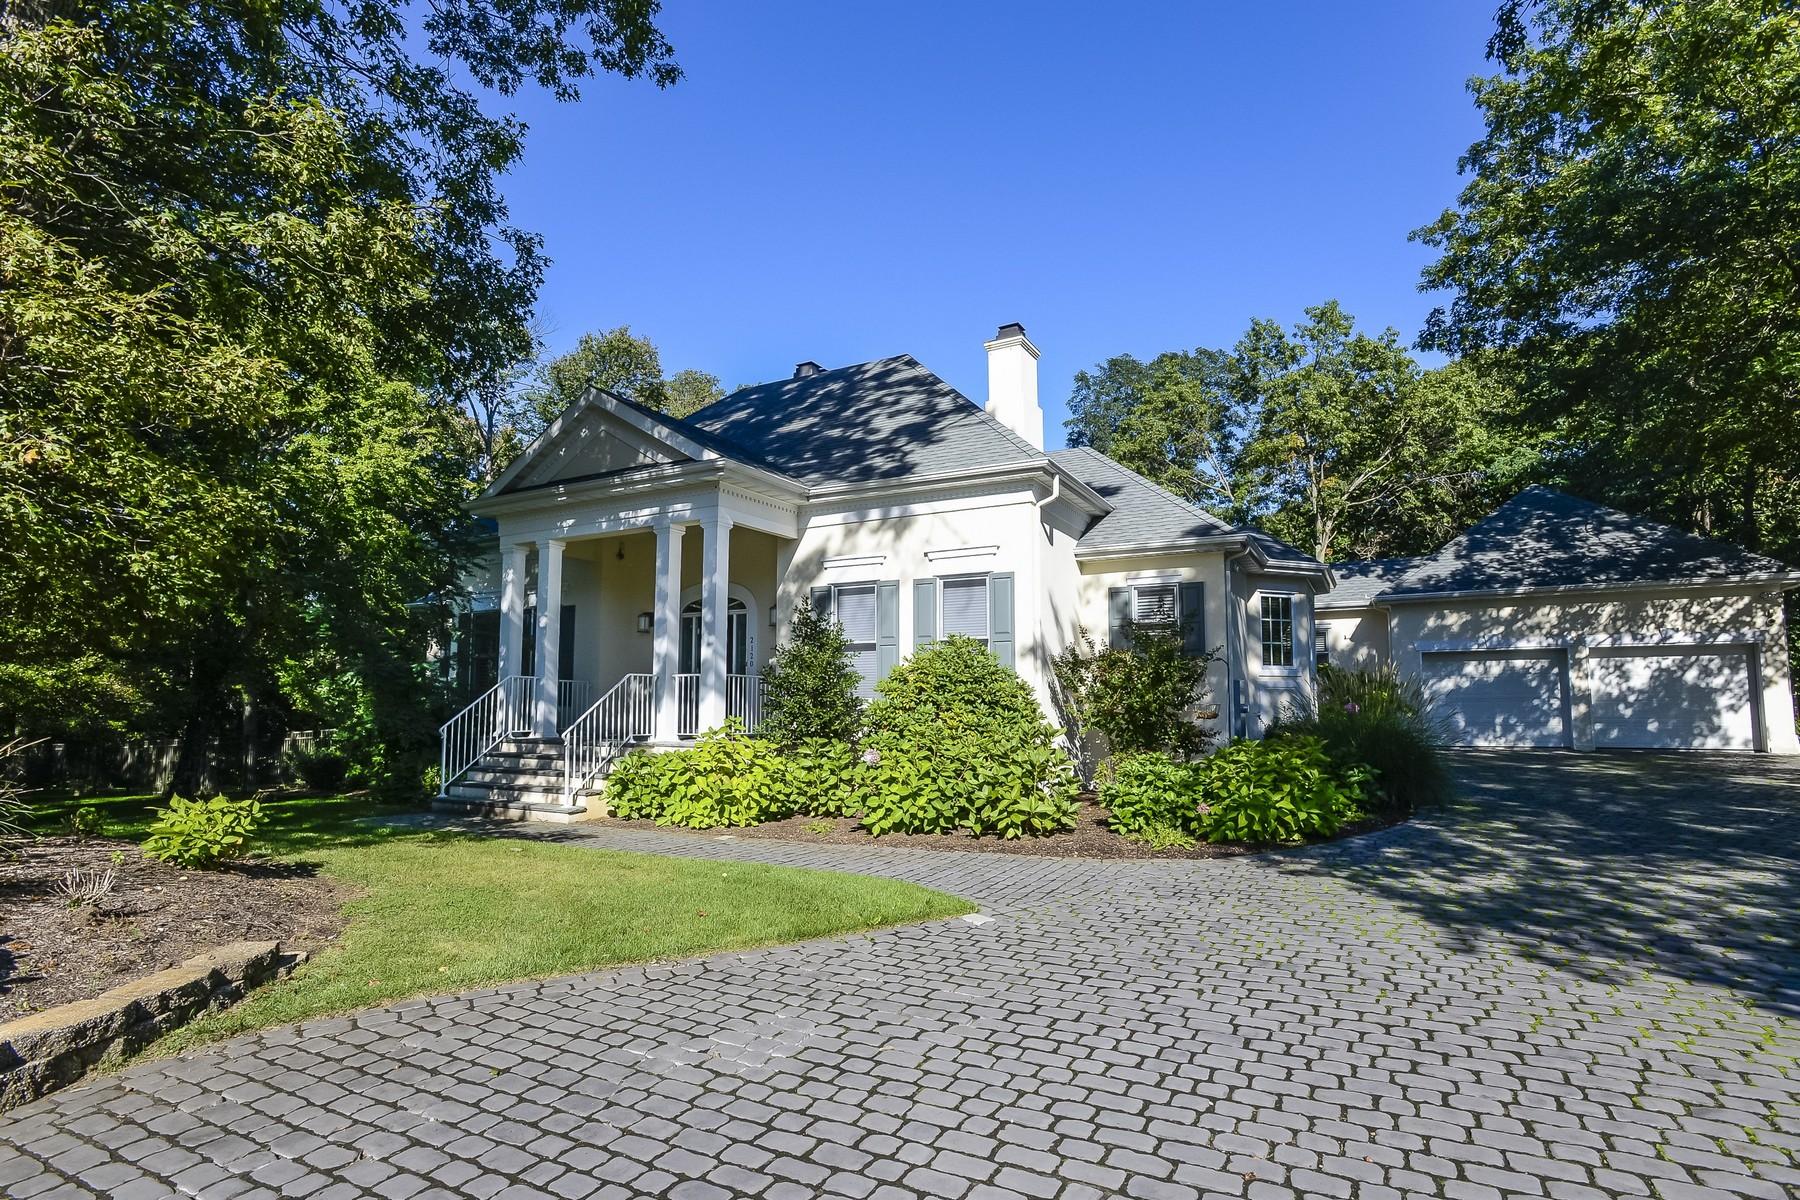 Maison unifamiliale pour l Vente à Stunning Private Retreat 2120 Baileys Corner Rd Wall, New Jersey 07719 États-Unis